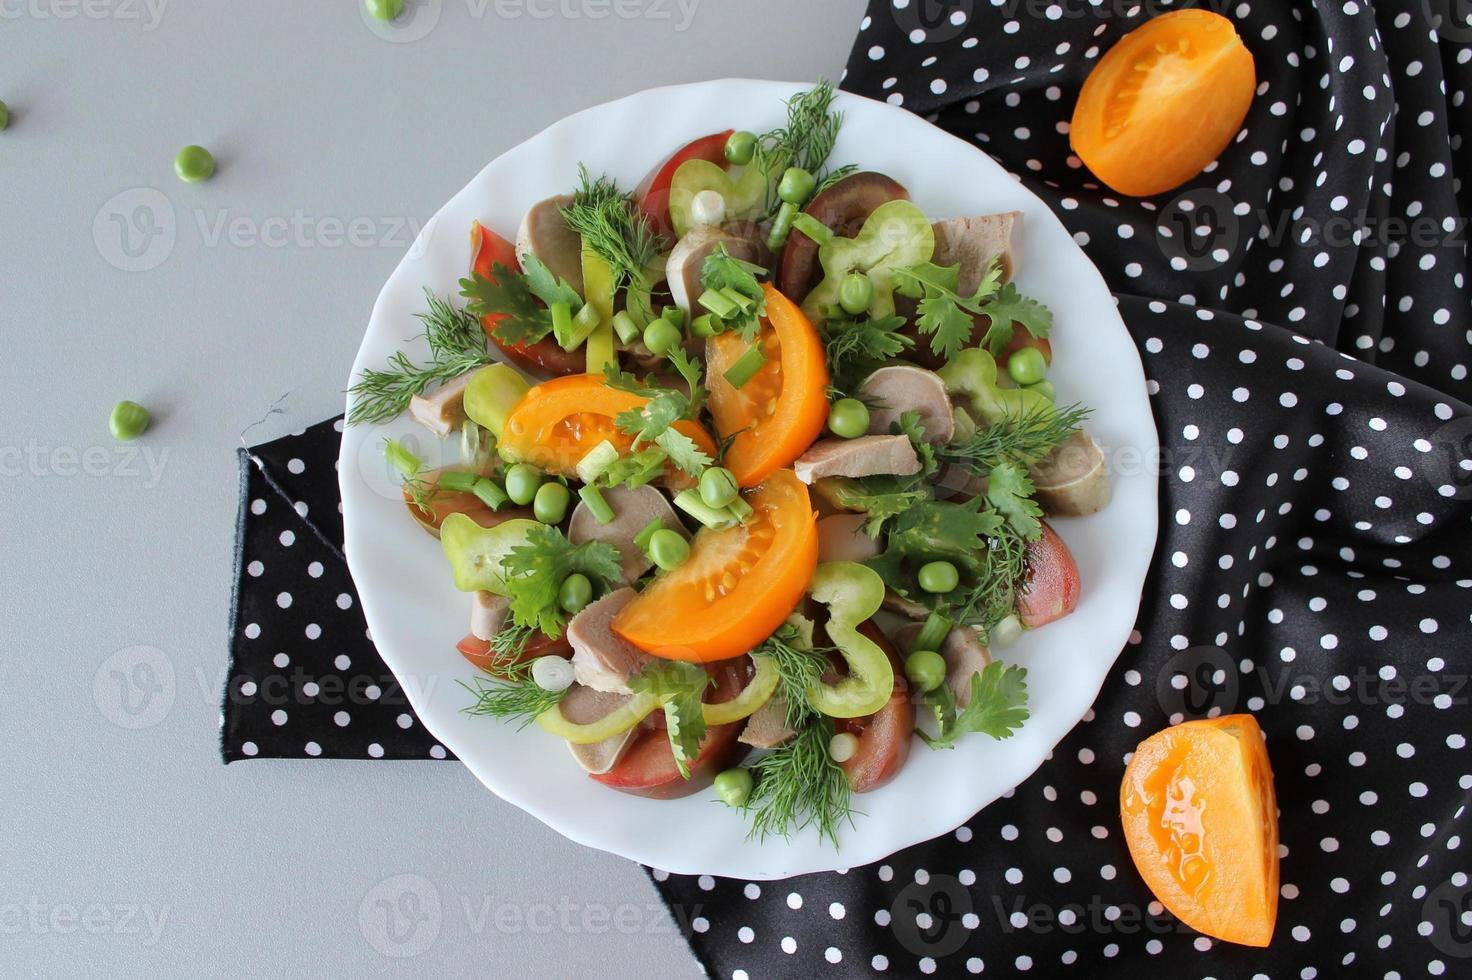 salade avec langue d'agneau, tomates et vinaigre balsamique photo